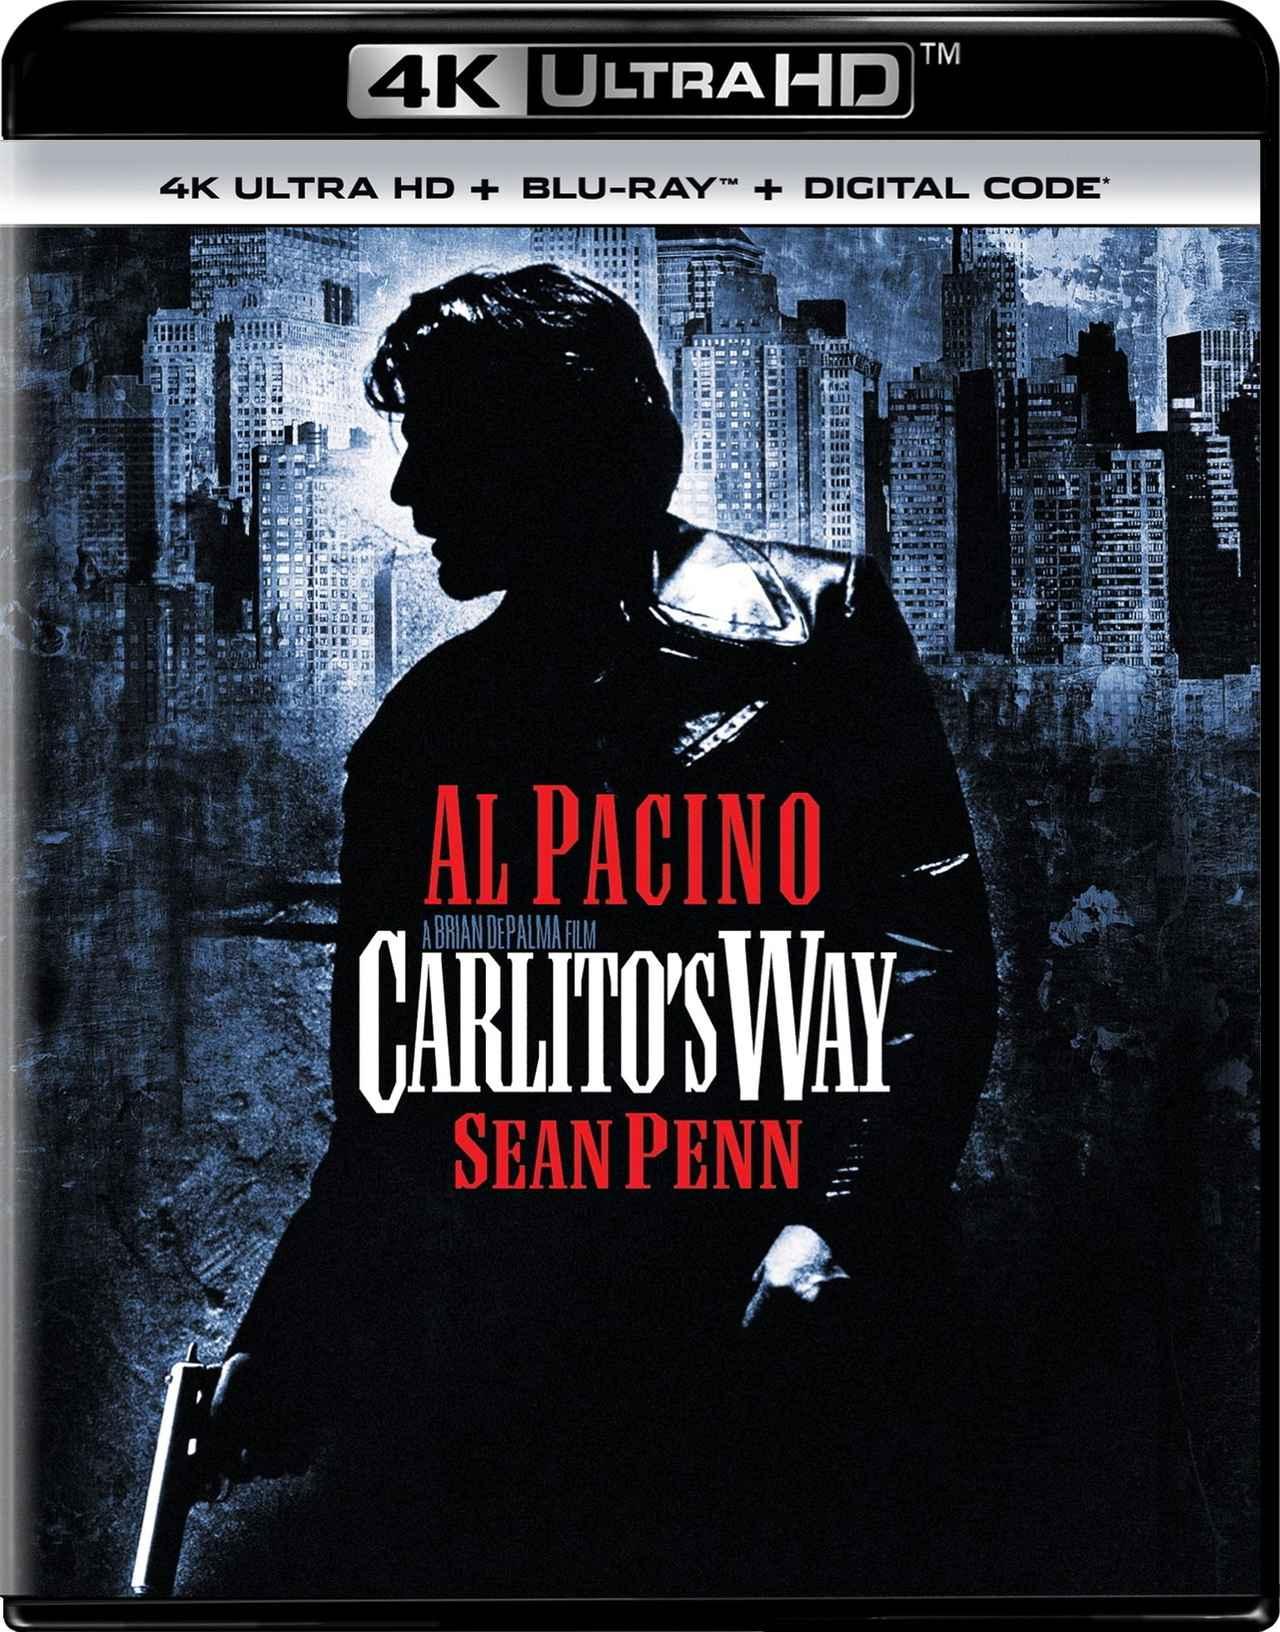 画像1: 4K デ・パルマ&パチーノ『カリートの道』【海外盤Blu-ray発売情報】